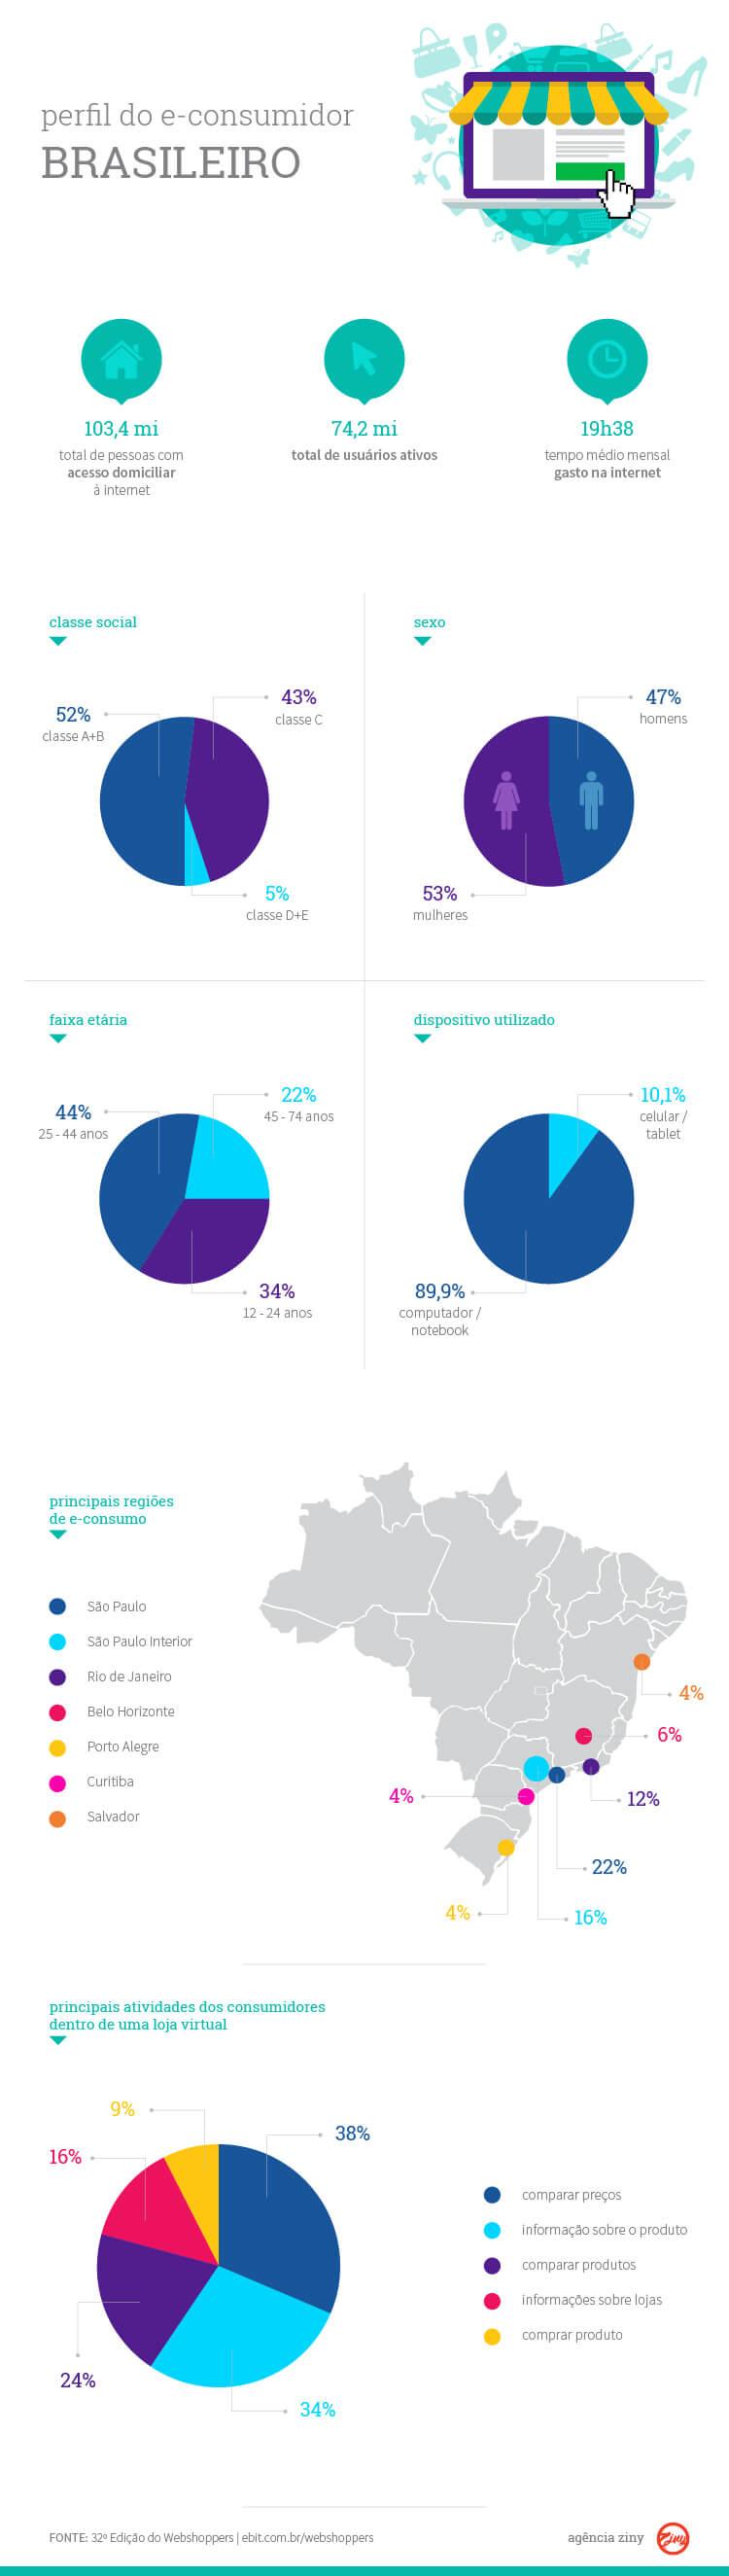 Infográfico sobre o Comportamento do Consumidor Brasileiro na internet.